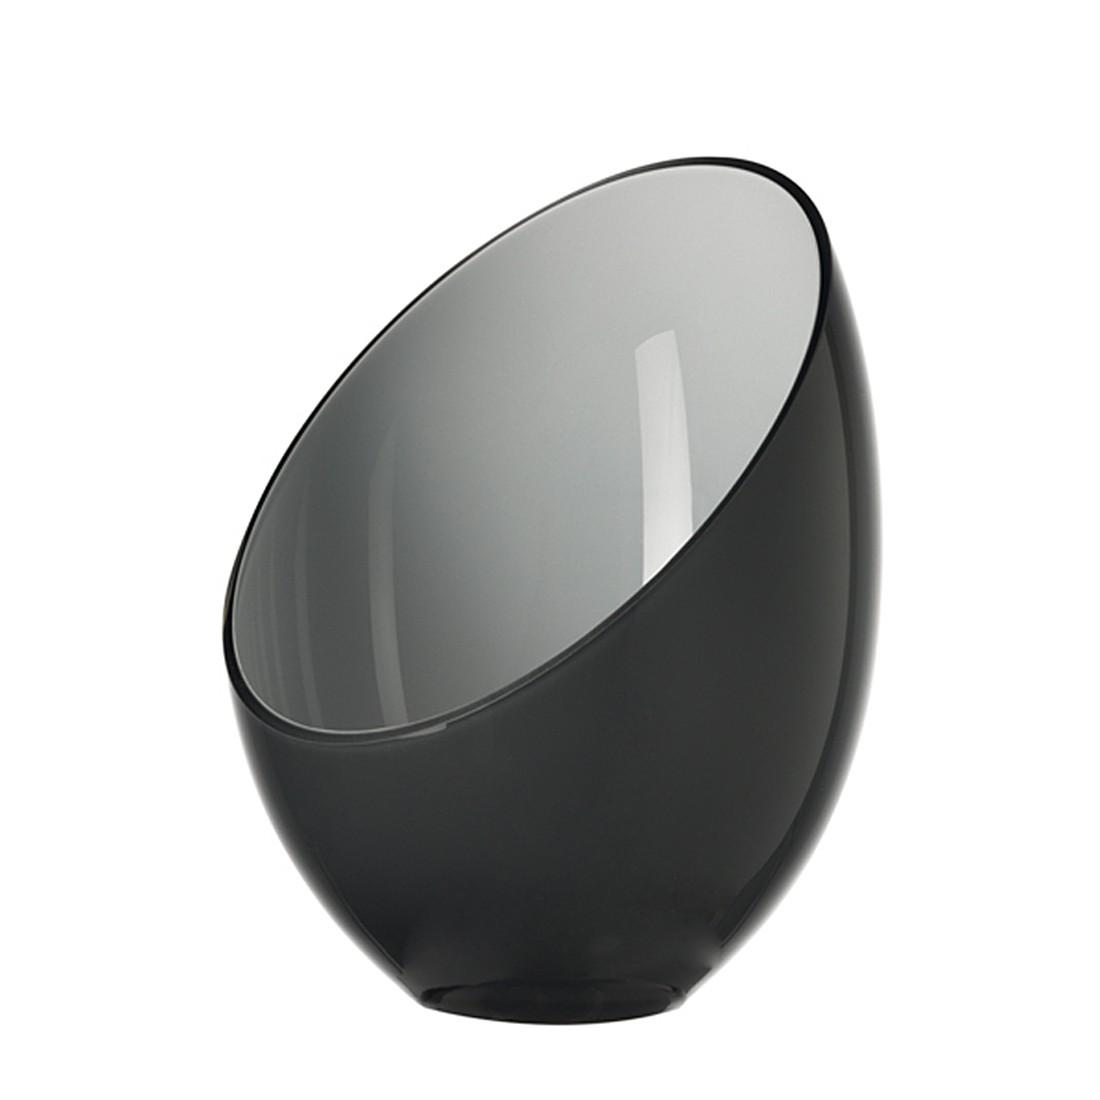 Windlicht Coco – 21 cm – Grau, Leonardo online bestellen